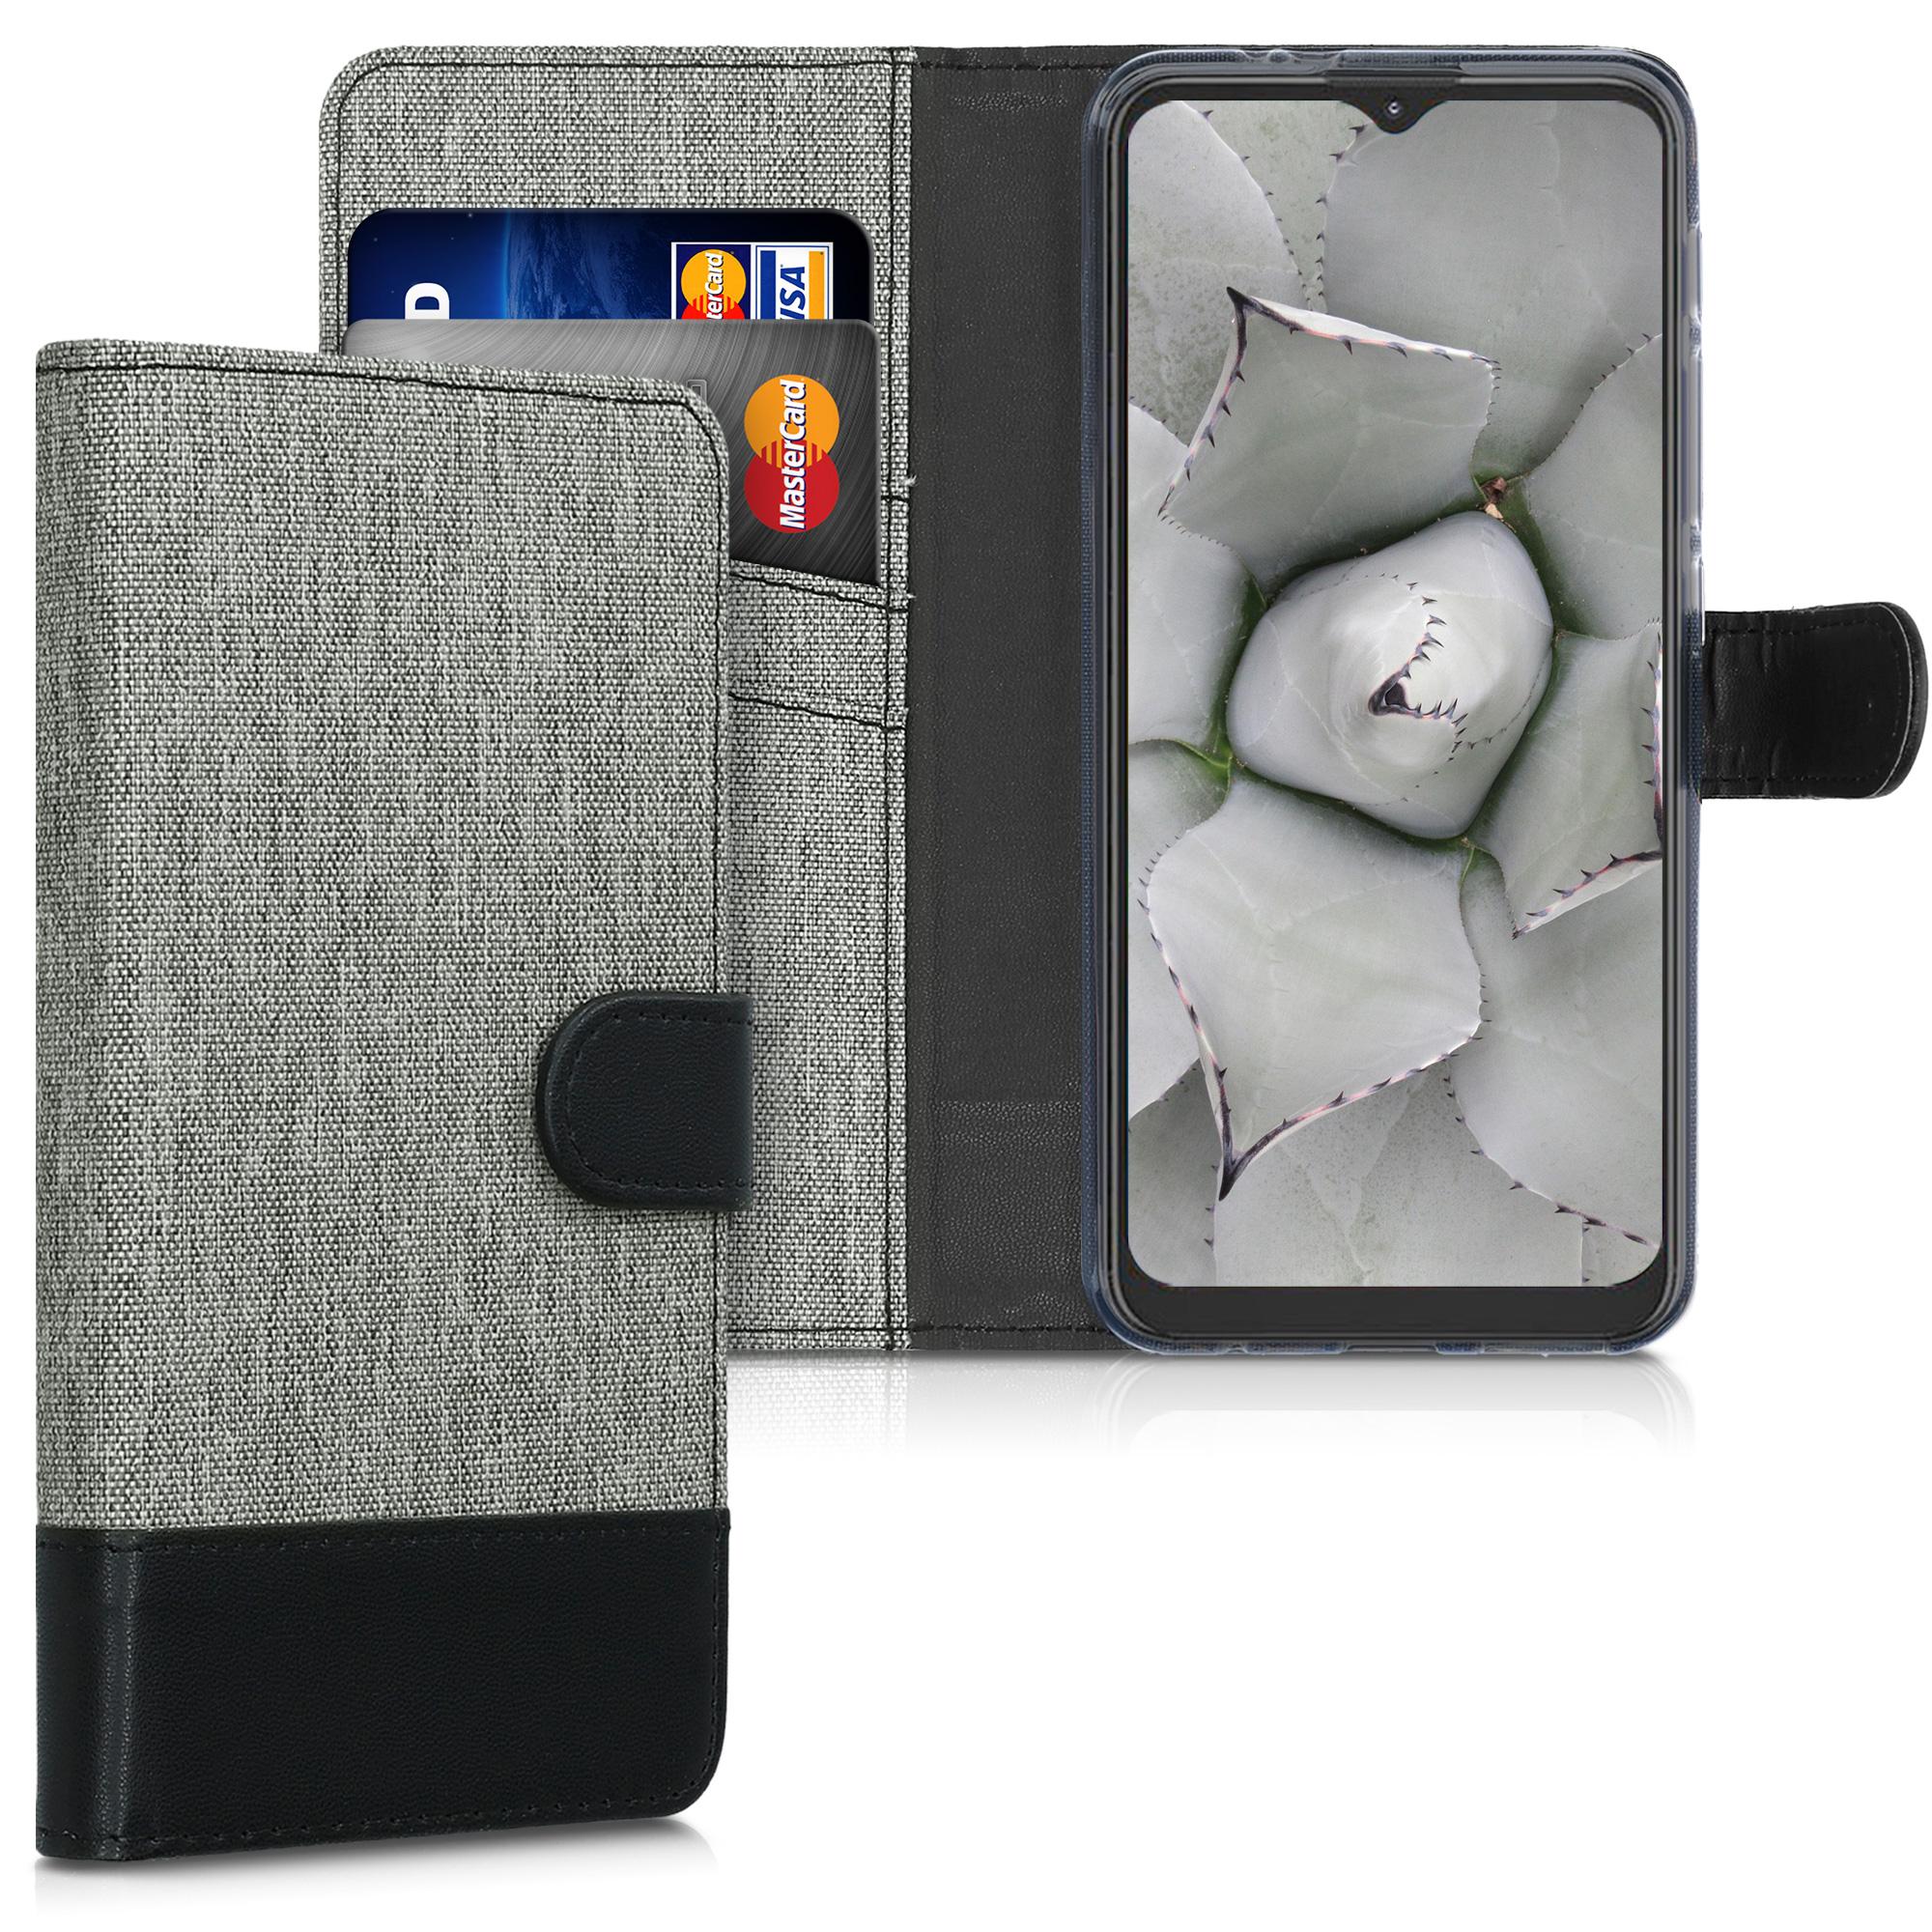 Textilní látkové pouzdro   obal pro Motorola Moto G9 Play / Moto E7 Plus - Šedá / černá